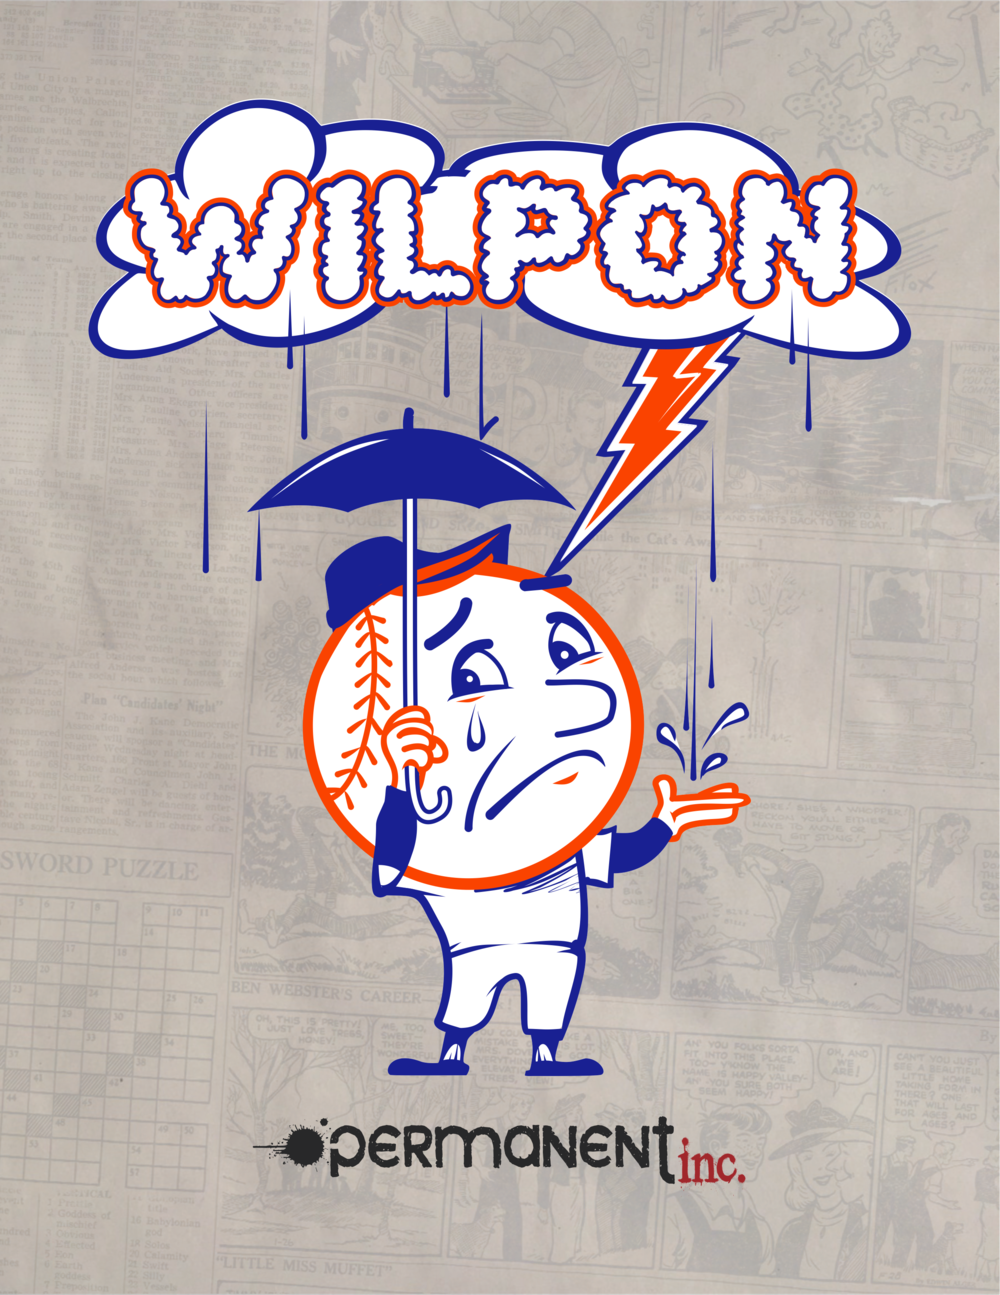 Mets_Wilpon.png